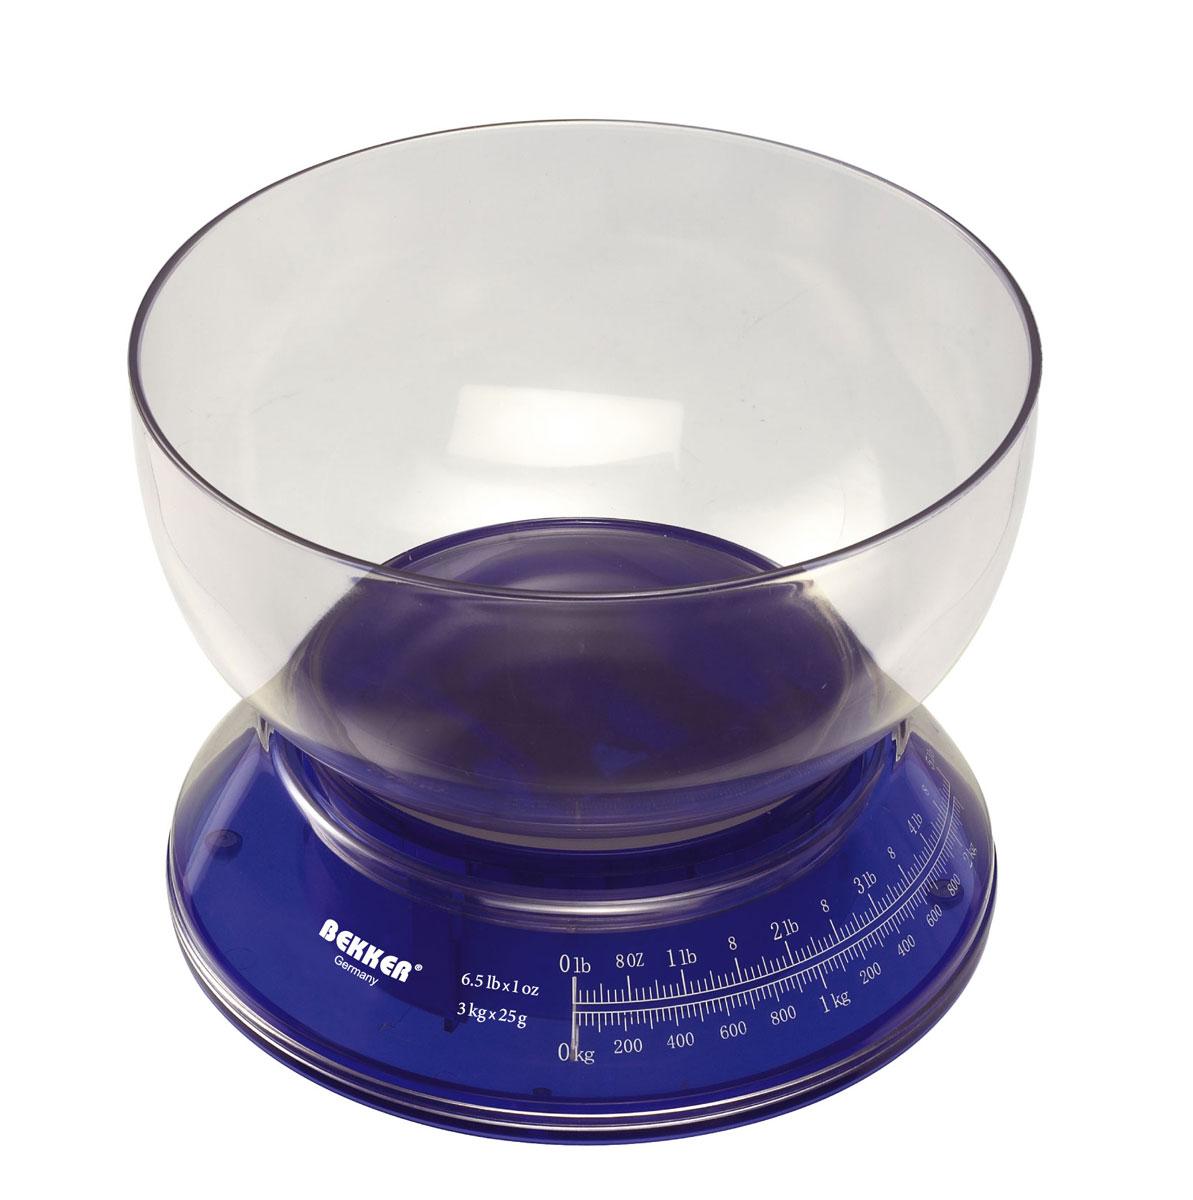 Весы кухонные Bekker, цвет: синий, 3 кг. BK-2512BK-2512Механические кухонные весы Bekker выполнены из пластика и представляют собой круглую основу с циферблатом и съемной чашей. Циферблат снабжен отметками граммов и килограммов и стрелкой красного цвета. Имеют ручную регулировку шкалы. Имеется инструкция по применению.Особенности весов Bekker:надежный механизм,удобная круглая чаша,простой и быстрый способ проверить вес продуктов.Материал: пластик.Объем: 2,5 л.Размер весов (с учетом чаши): 17 см х 21 см х 21 см.Диаметр чаши: 21 см.Цена деления: 25 г.